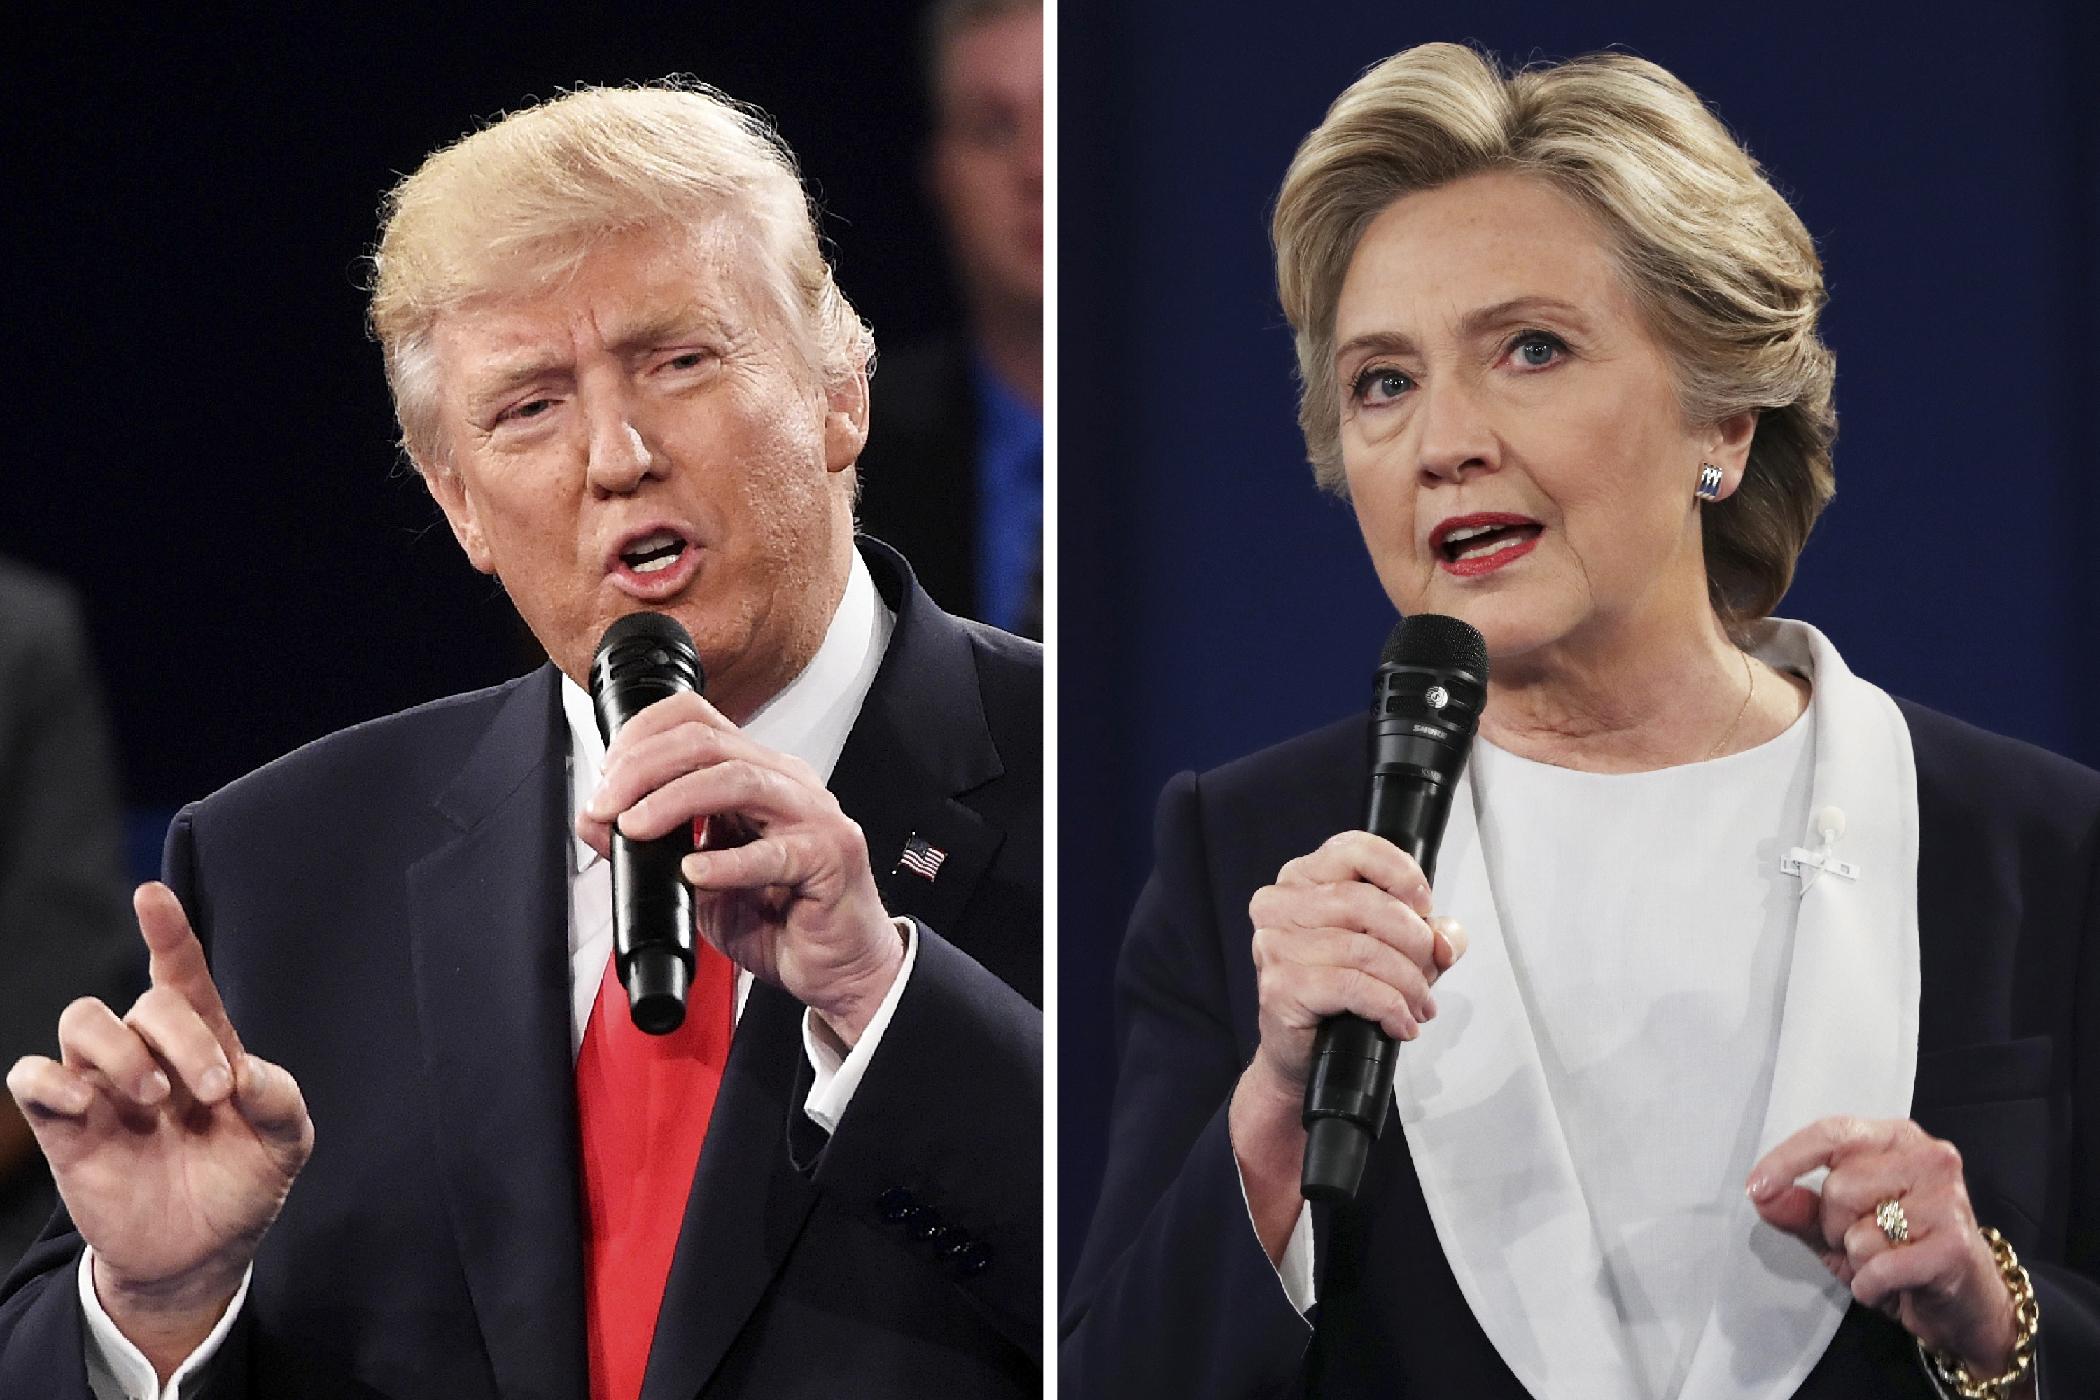 Republican nominee Donald Trump (L) faces off against Democratic nominee Hillary Clinton